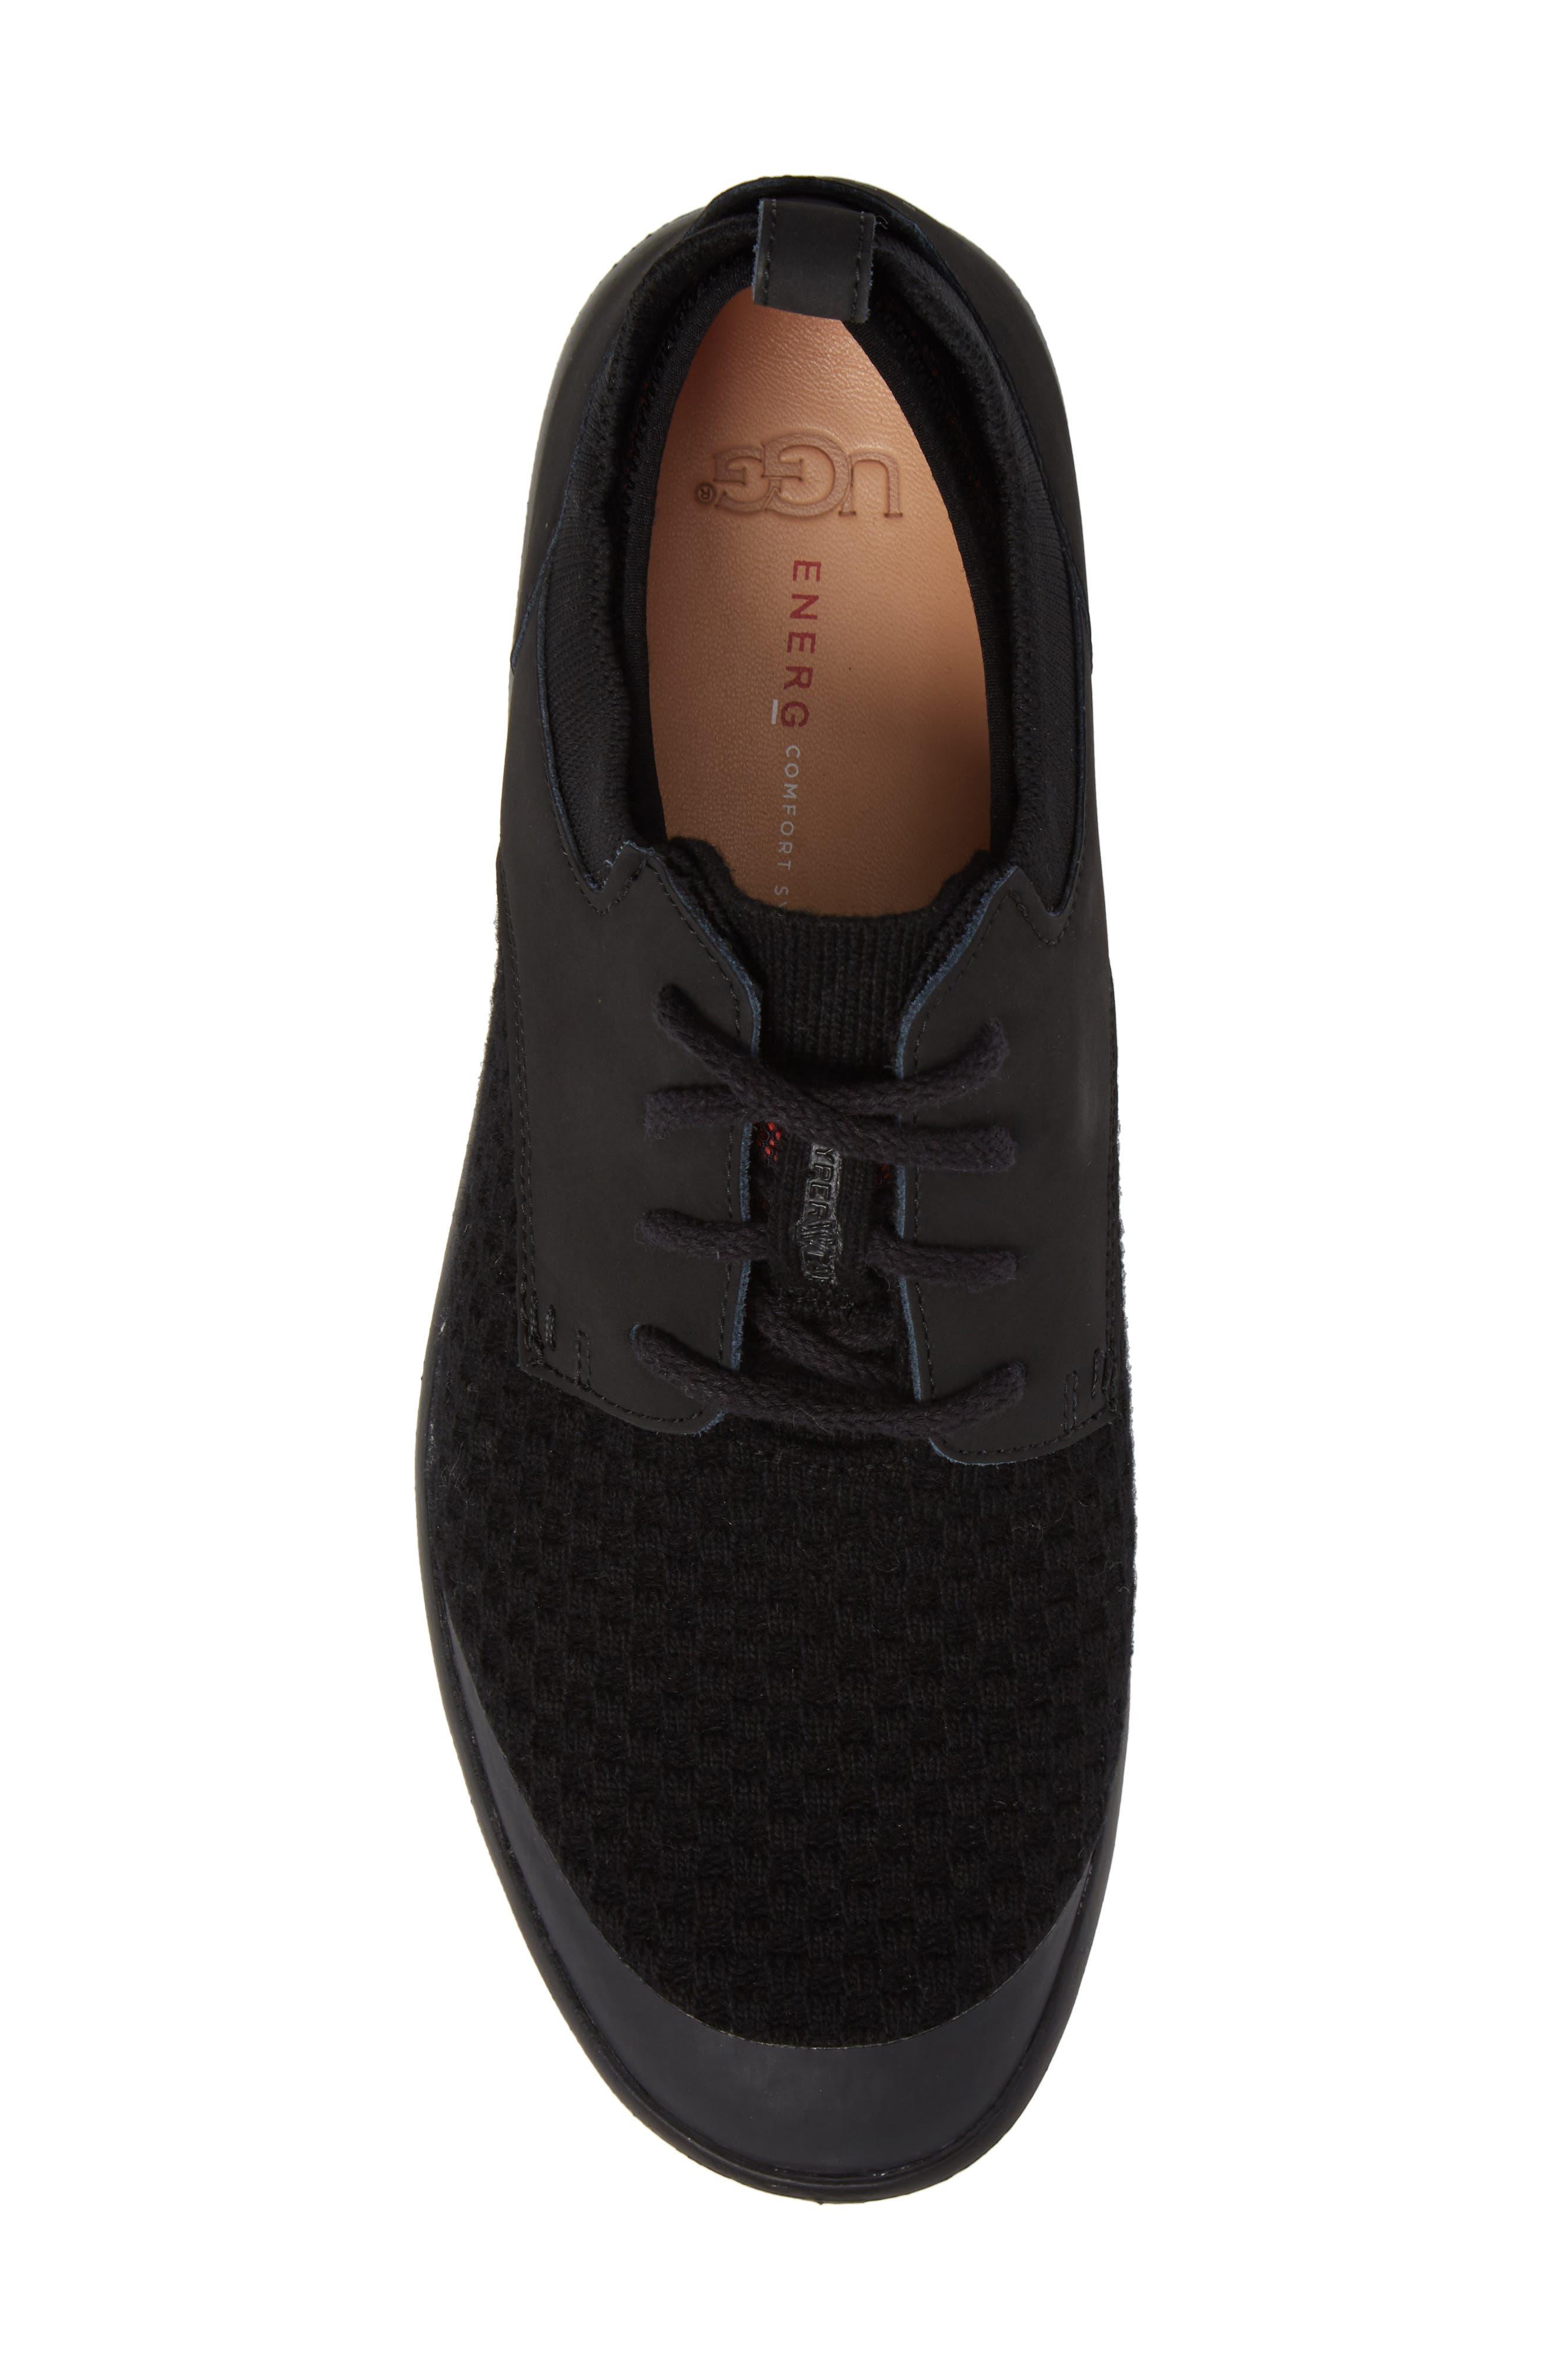 Hepner HyperWeave Sneaker,                             Alternate thumbnail 5, color,                             001